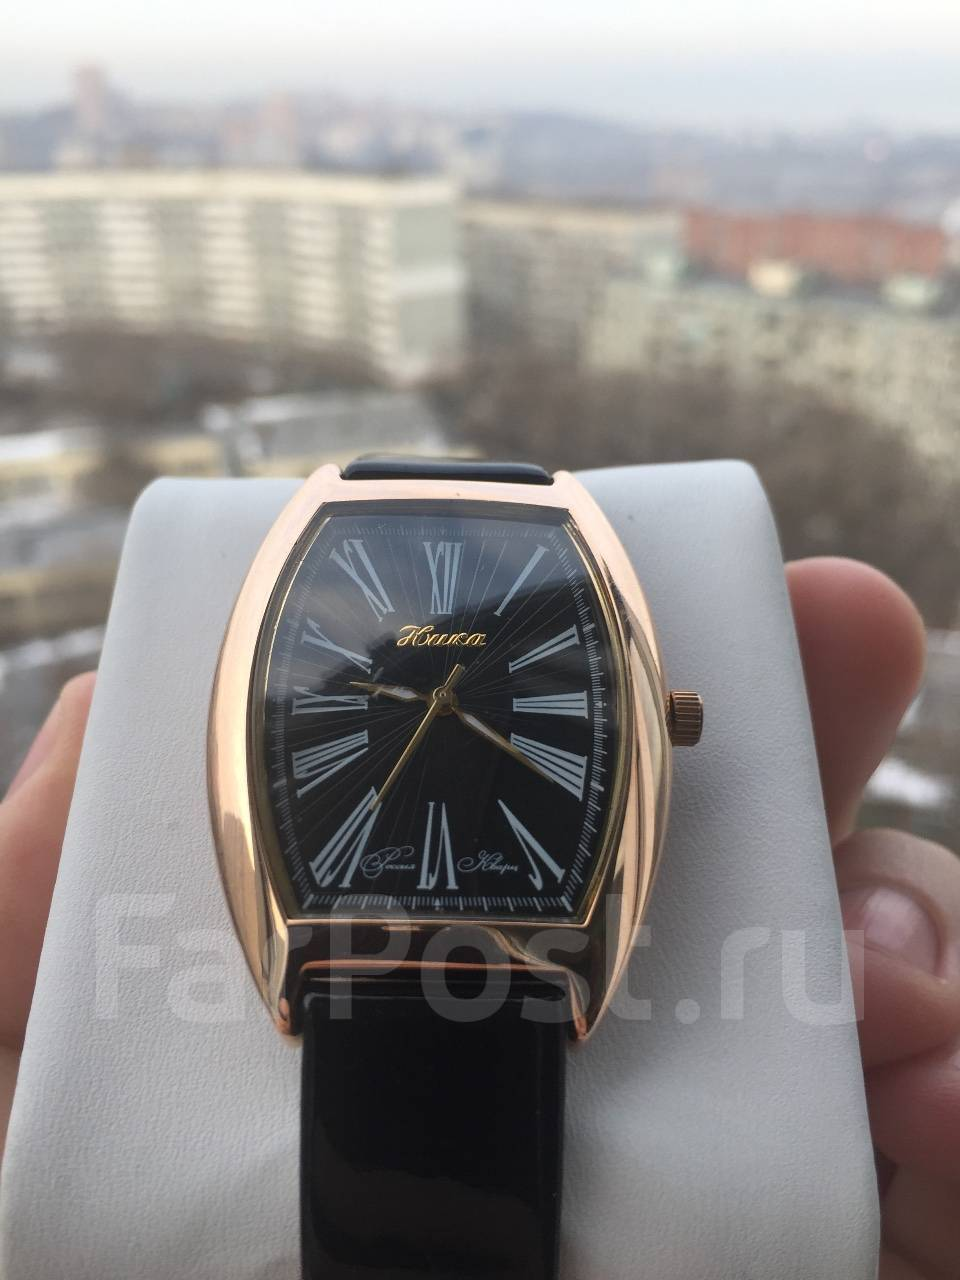 Купить часы ювелирные. Цены, фото! Ювелирные изделия и украшения. 763d9fb44ca